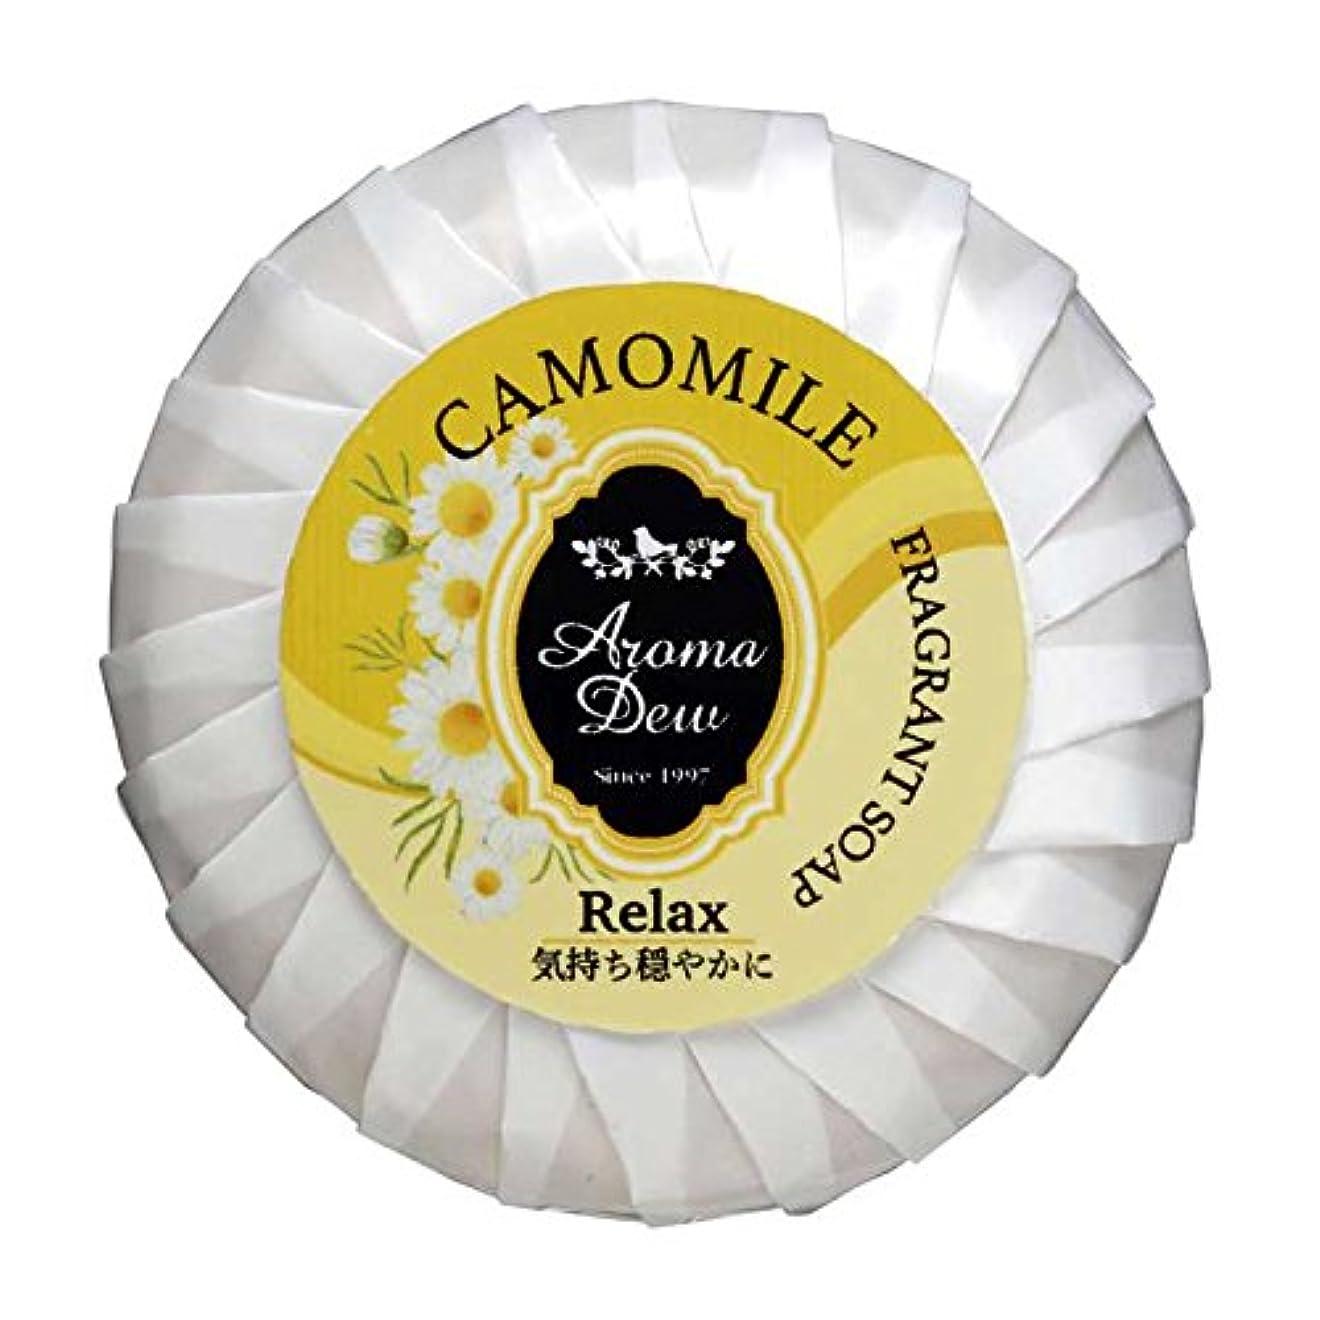 土曜日コーラス動力学アロマデュウ フレグラントソープ カモミールの香り 100g